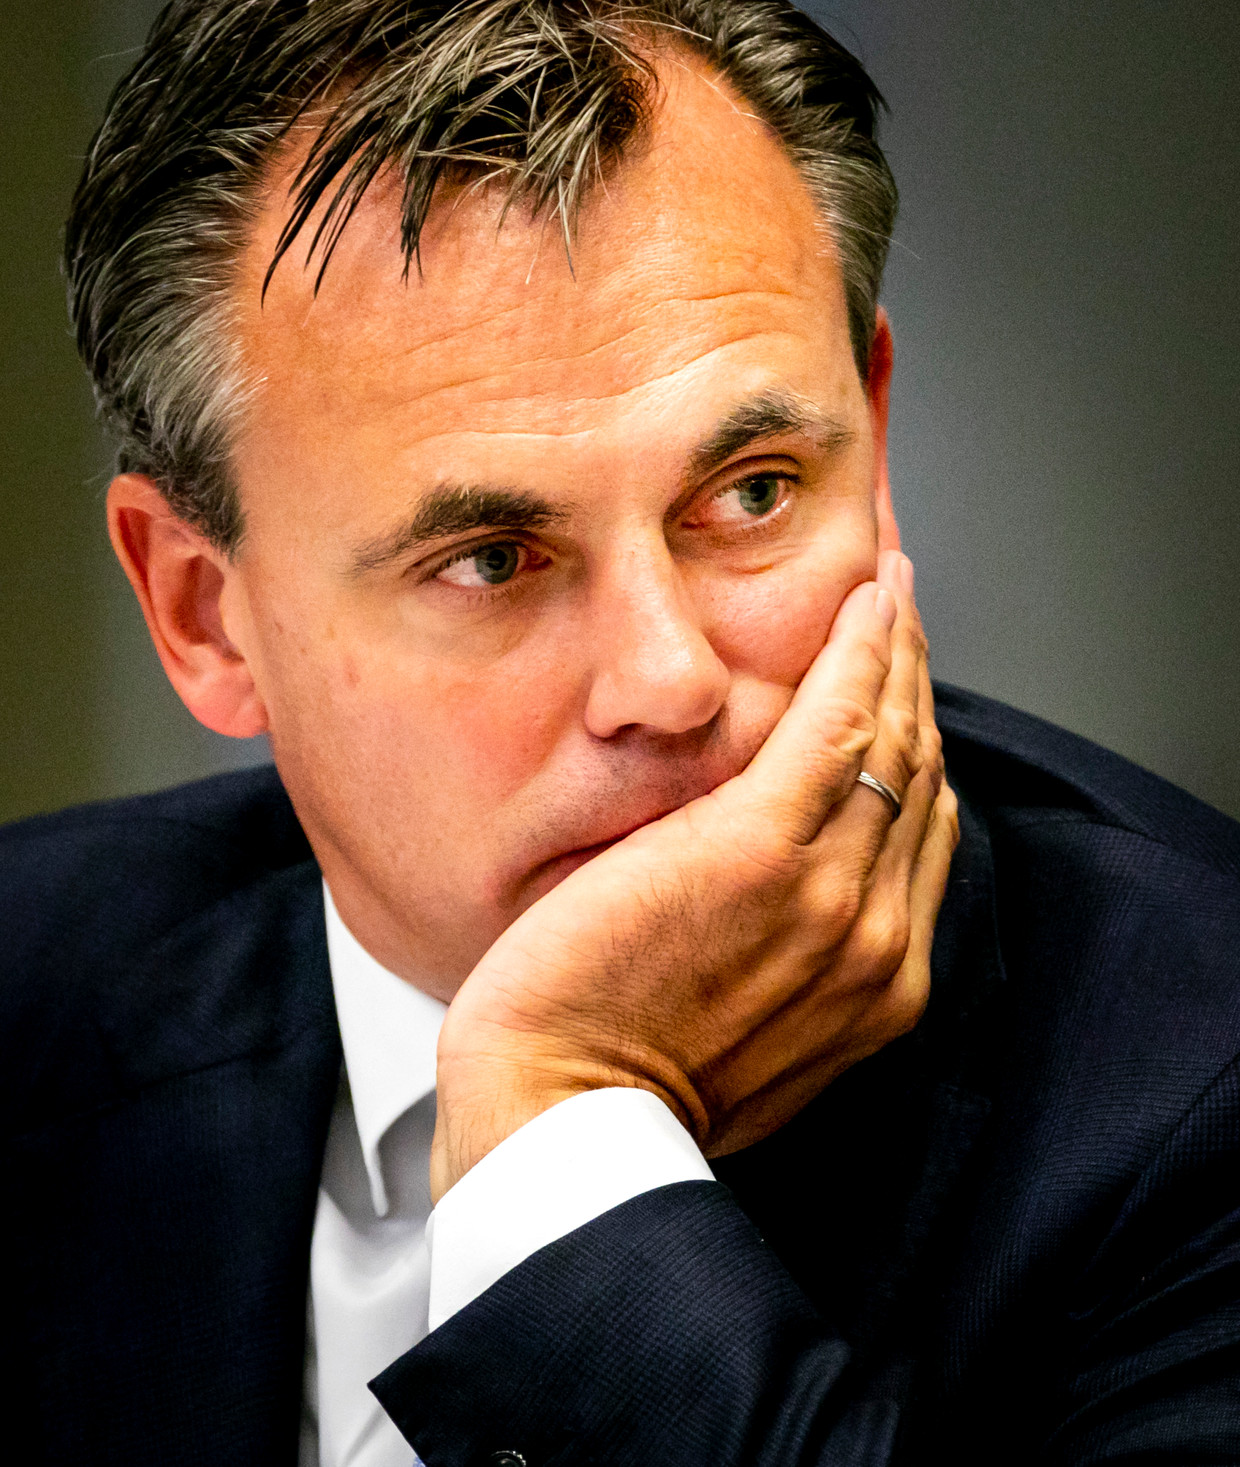 Staatssecretaris Mark Harbers (Justitie en Veiligheid).